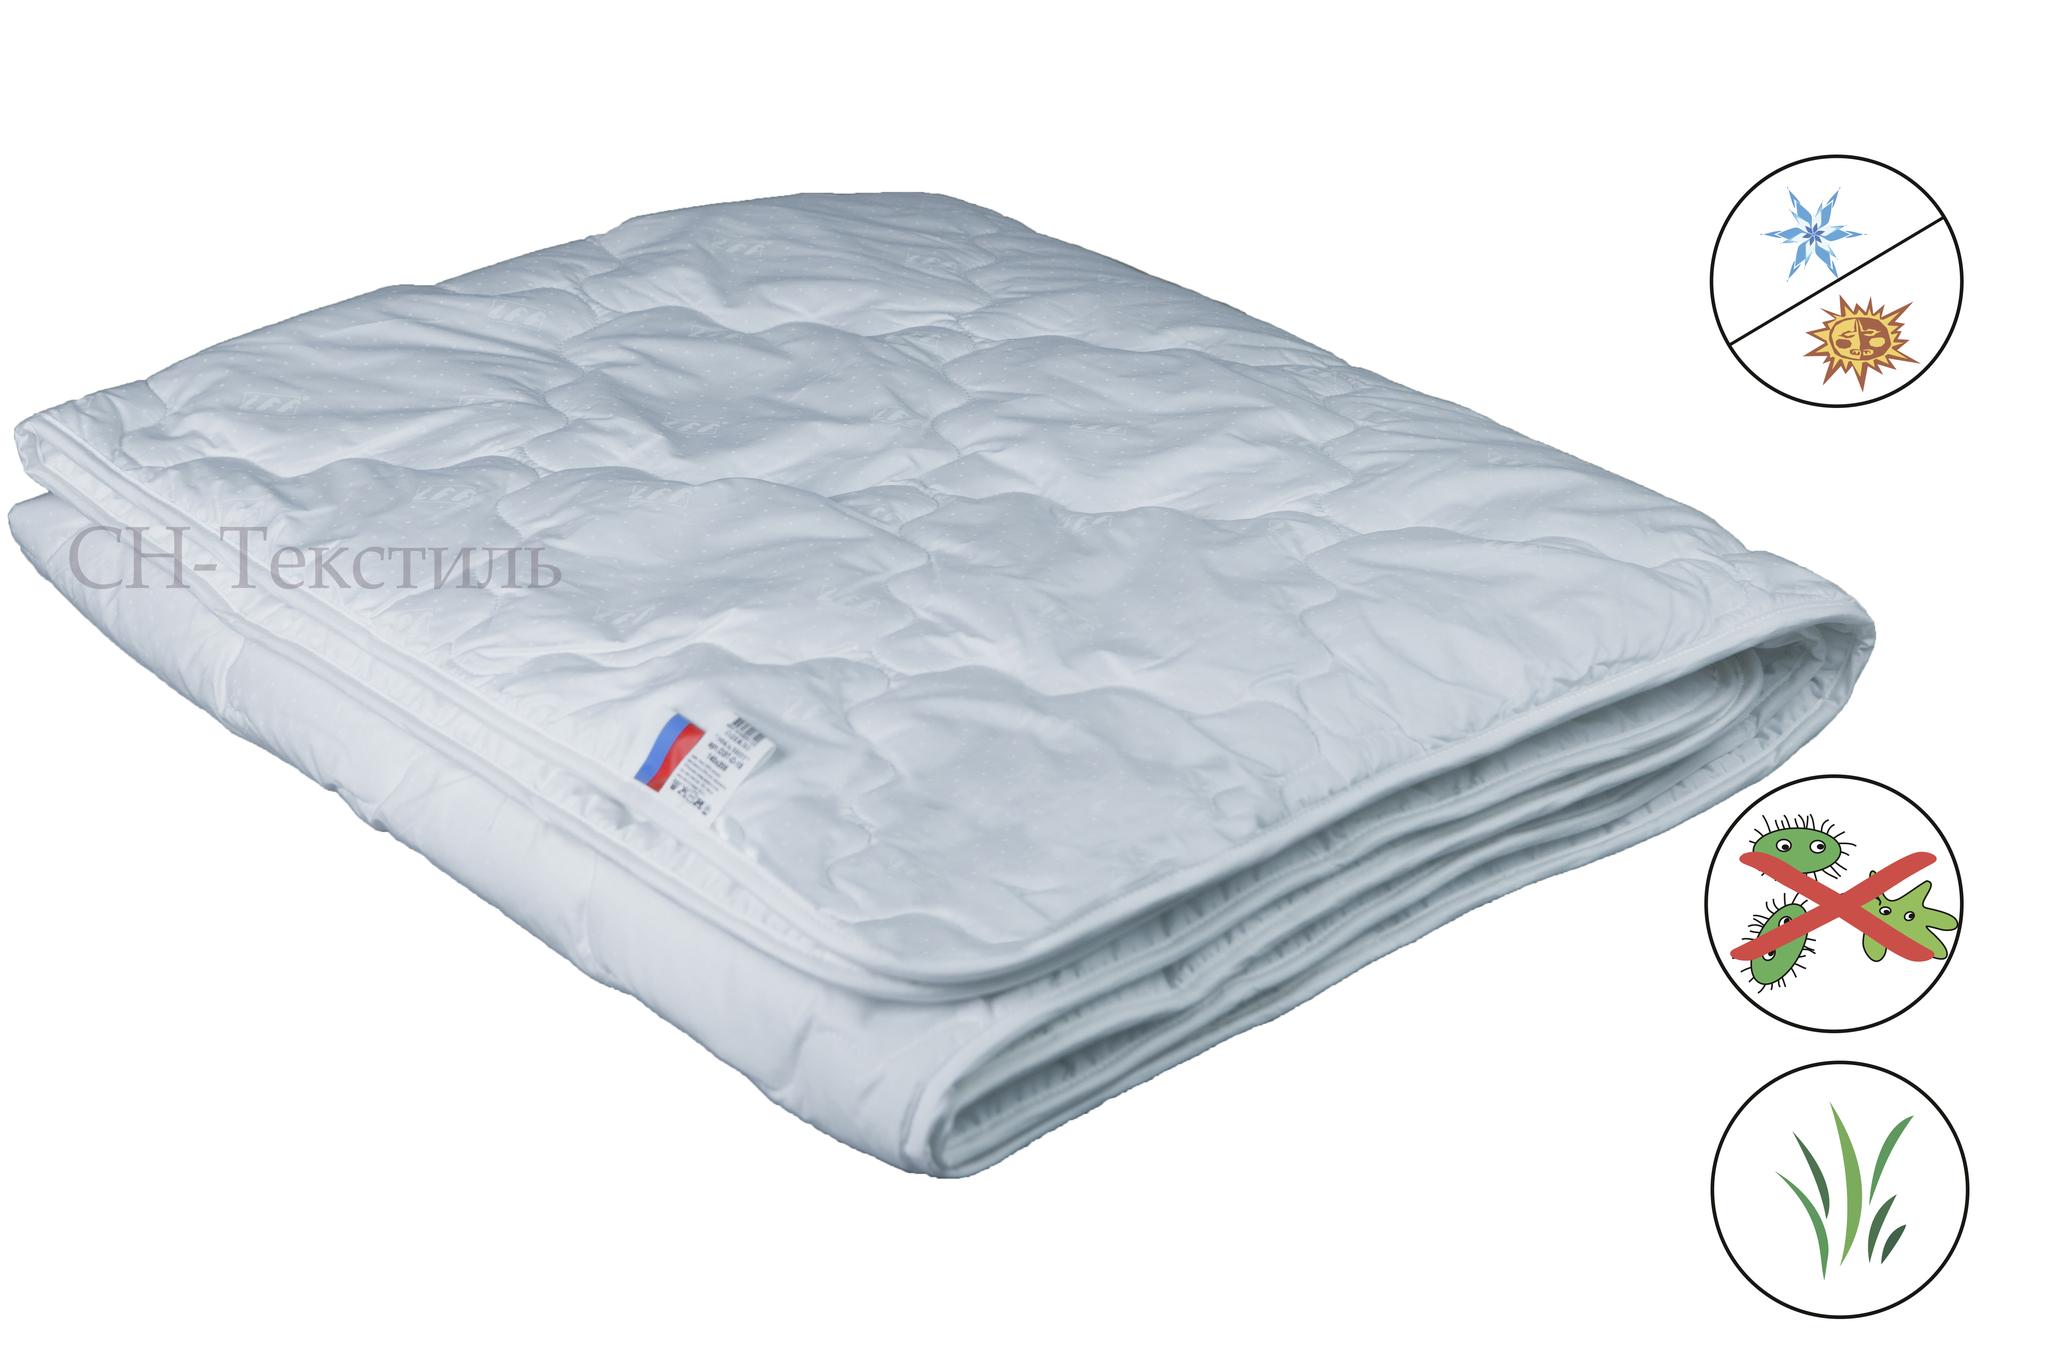 Тенсель (эвкалипт) / МОДАЛ (бук) Одеяло  Эвкалиптовое в сатине Всесезоннее легкое. одеяло_эвкалипт_всесезонное.jpg